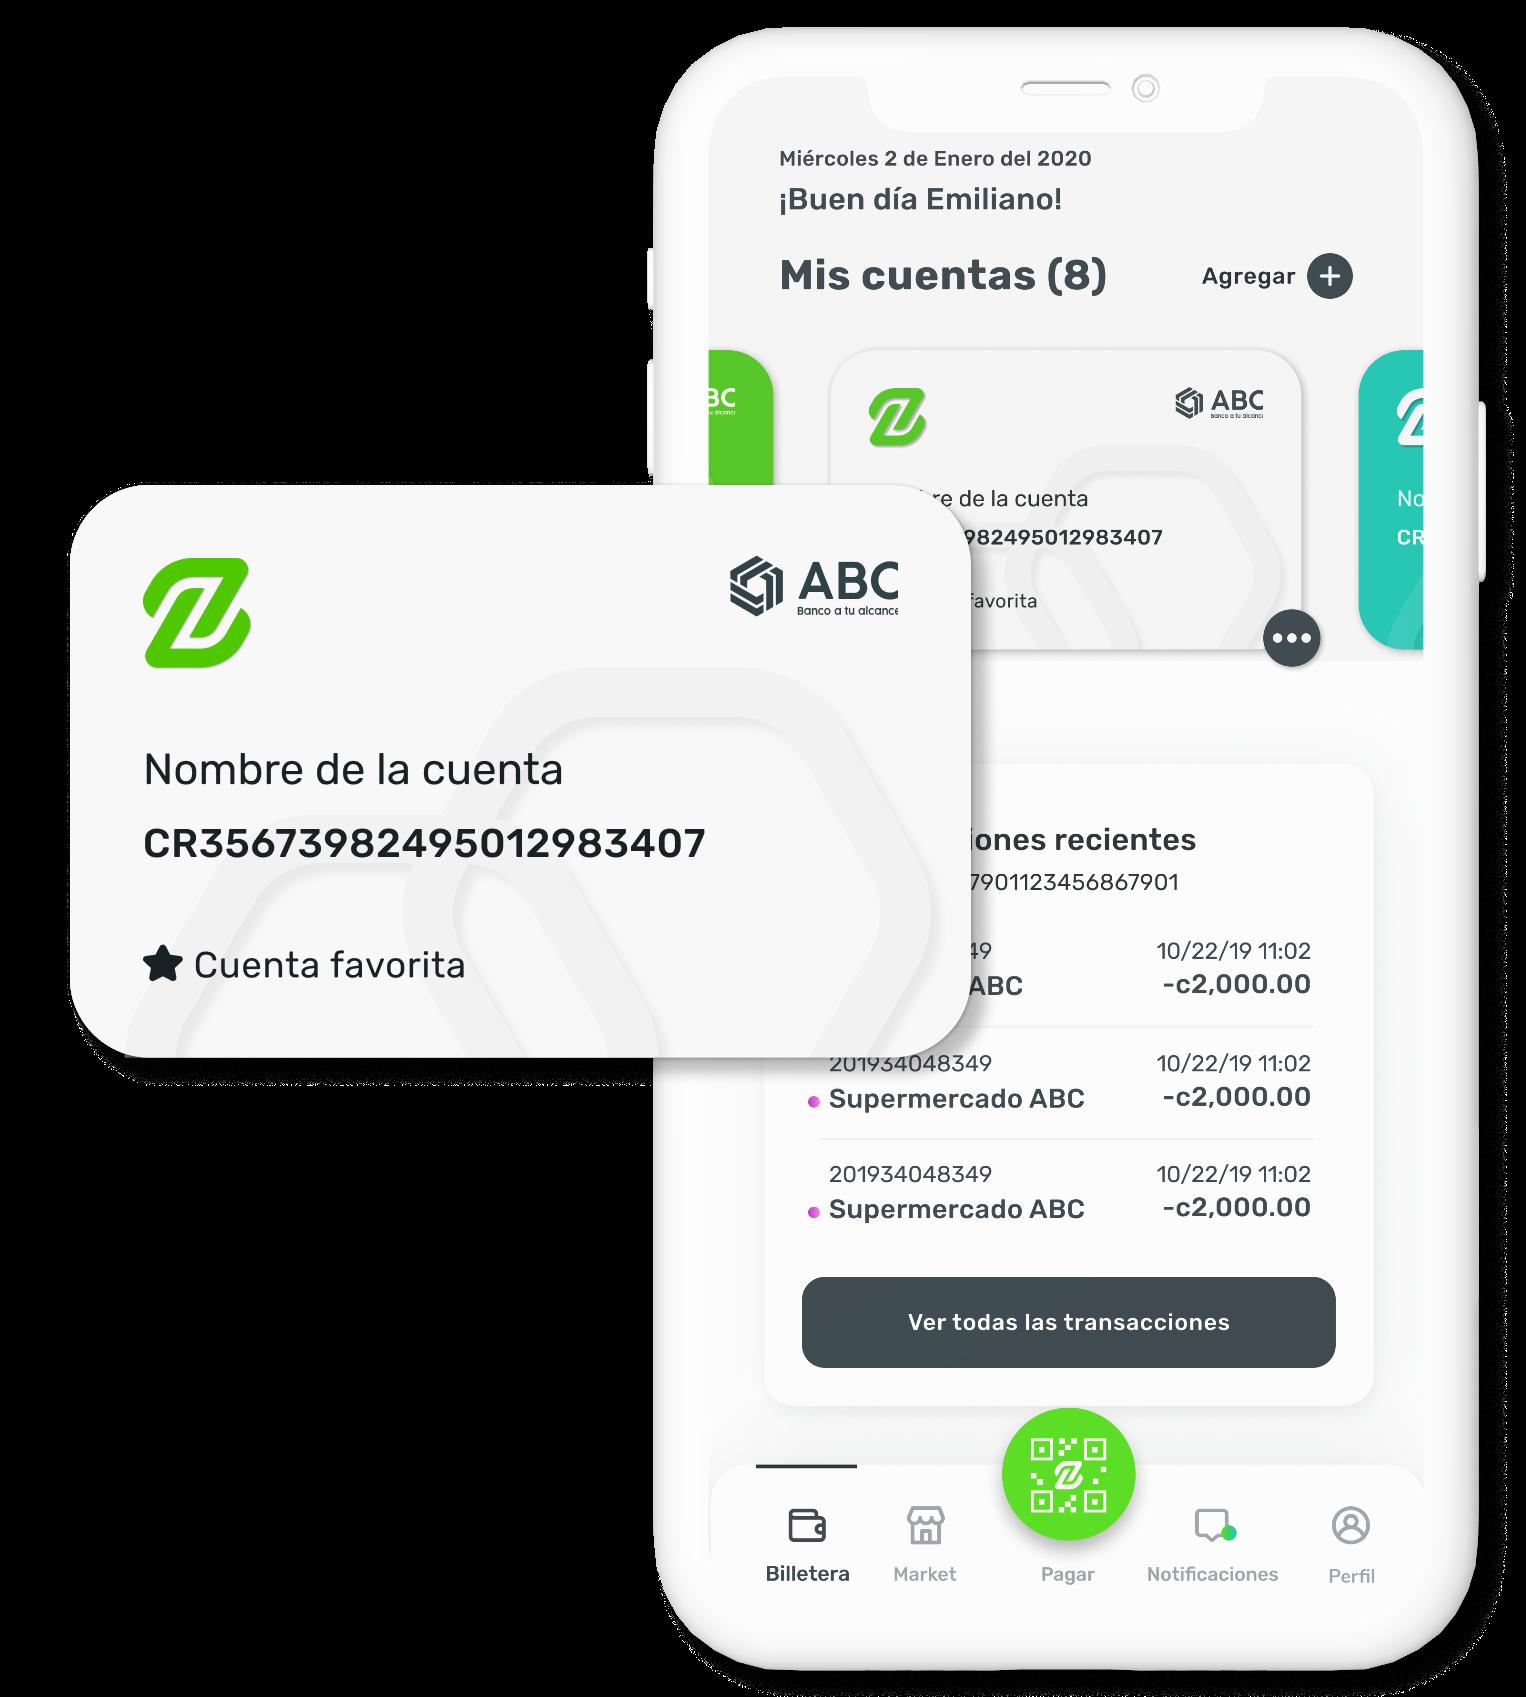 imagen de la billetera en la aplicación